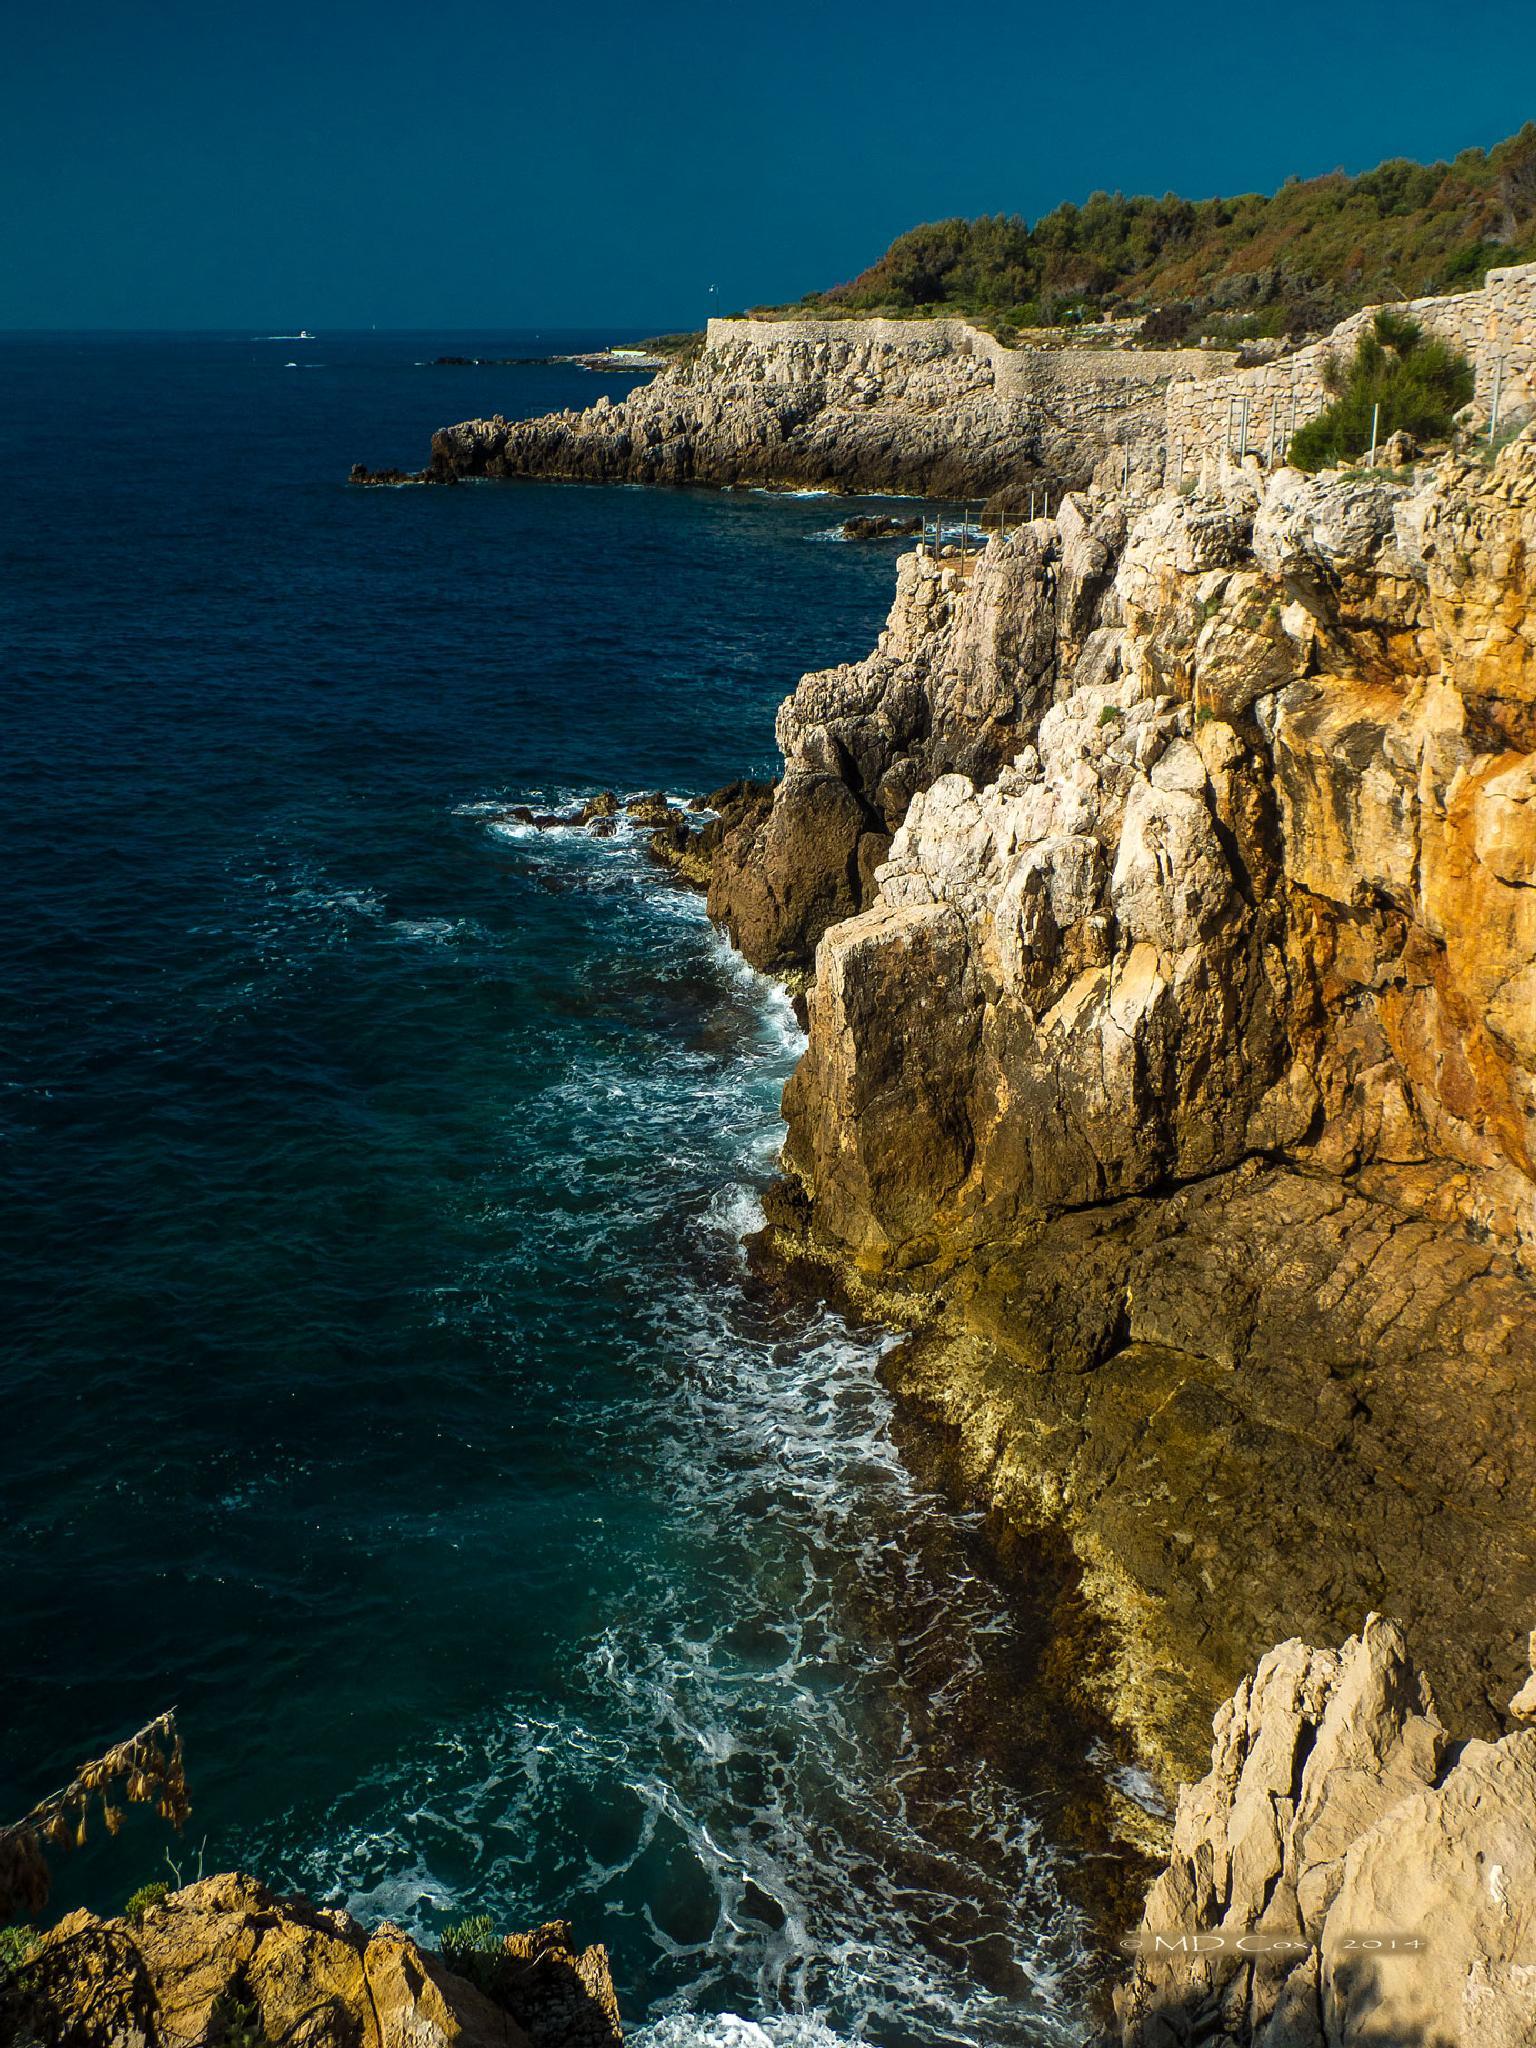 Cote d'Azur by Michael Cox